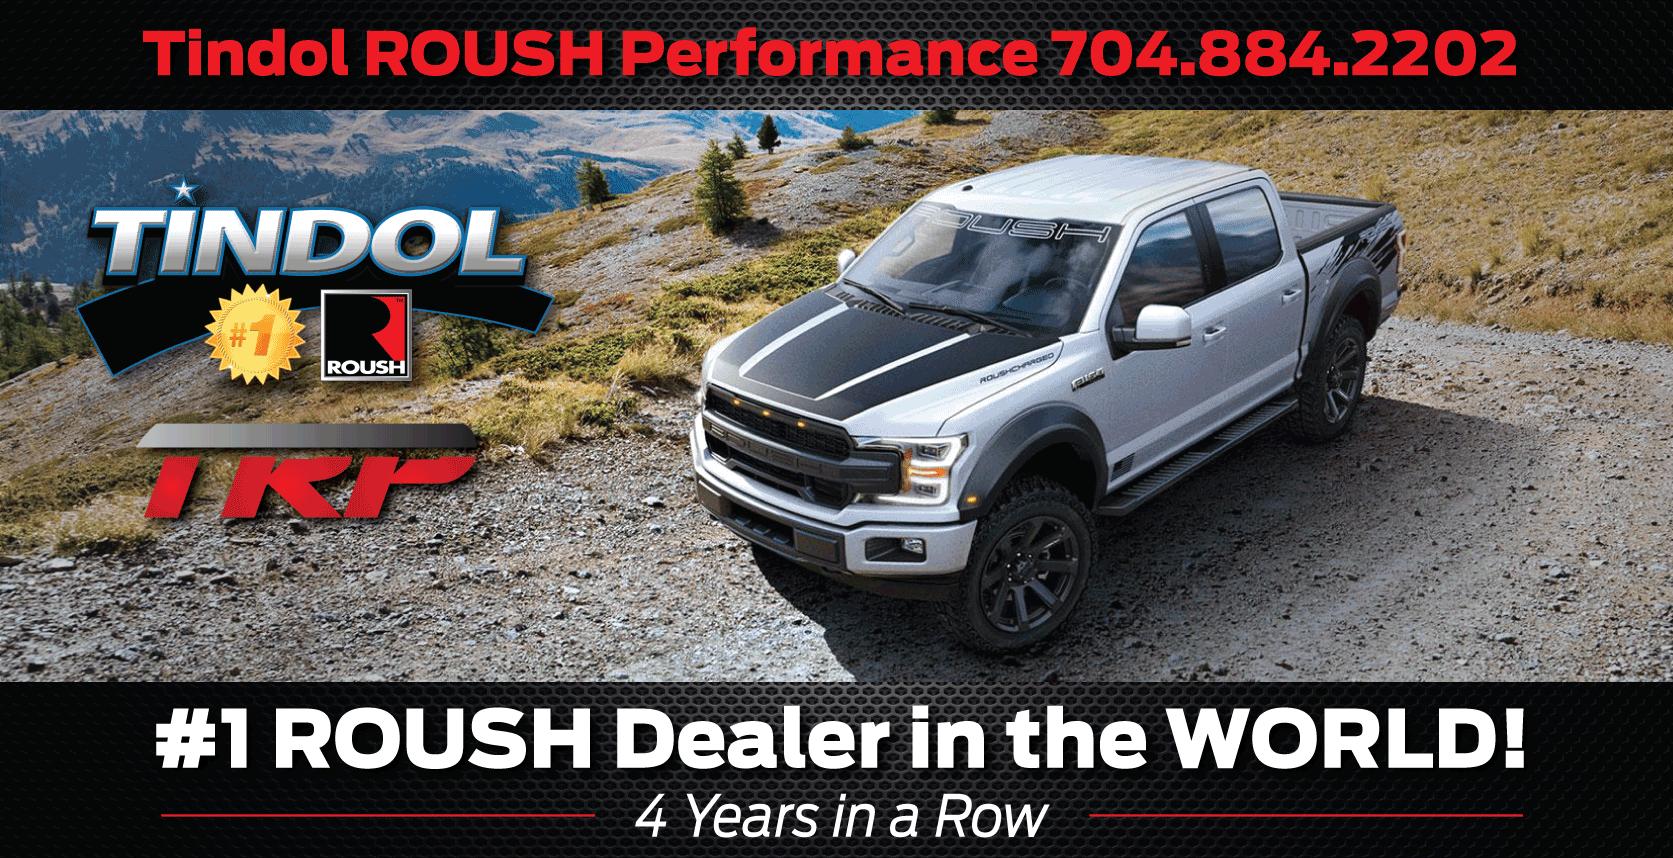 World's #1 ROUSH Dealer - ROUSH Performance | Tindol Ford ROUSH